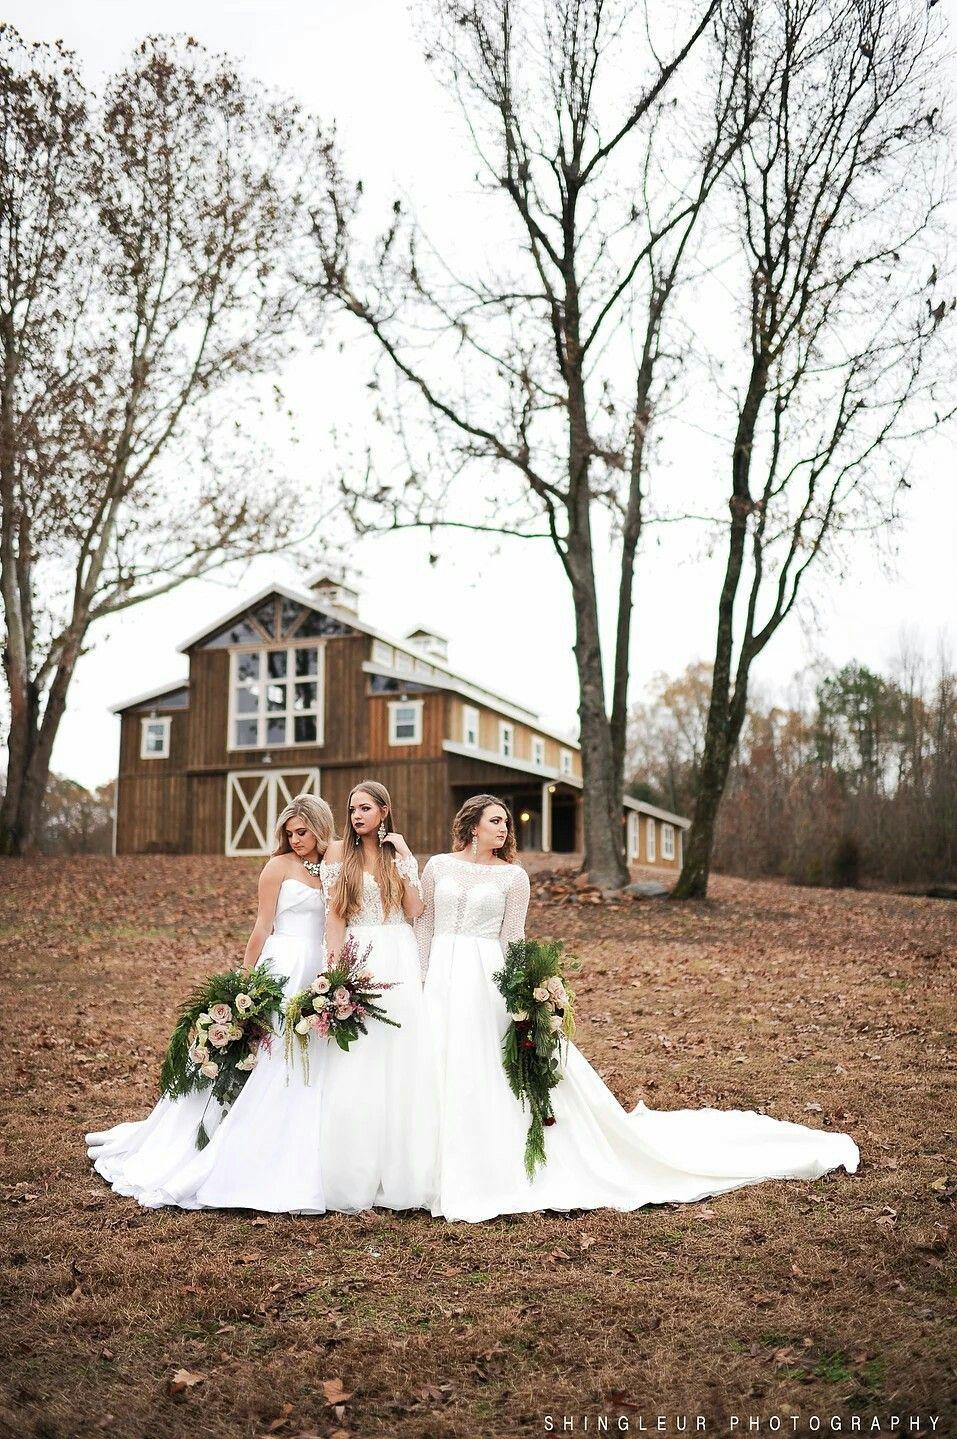 Heritage Acres Venue- Arkansas Wedding Venue Wedding ideas, wedding ...